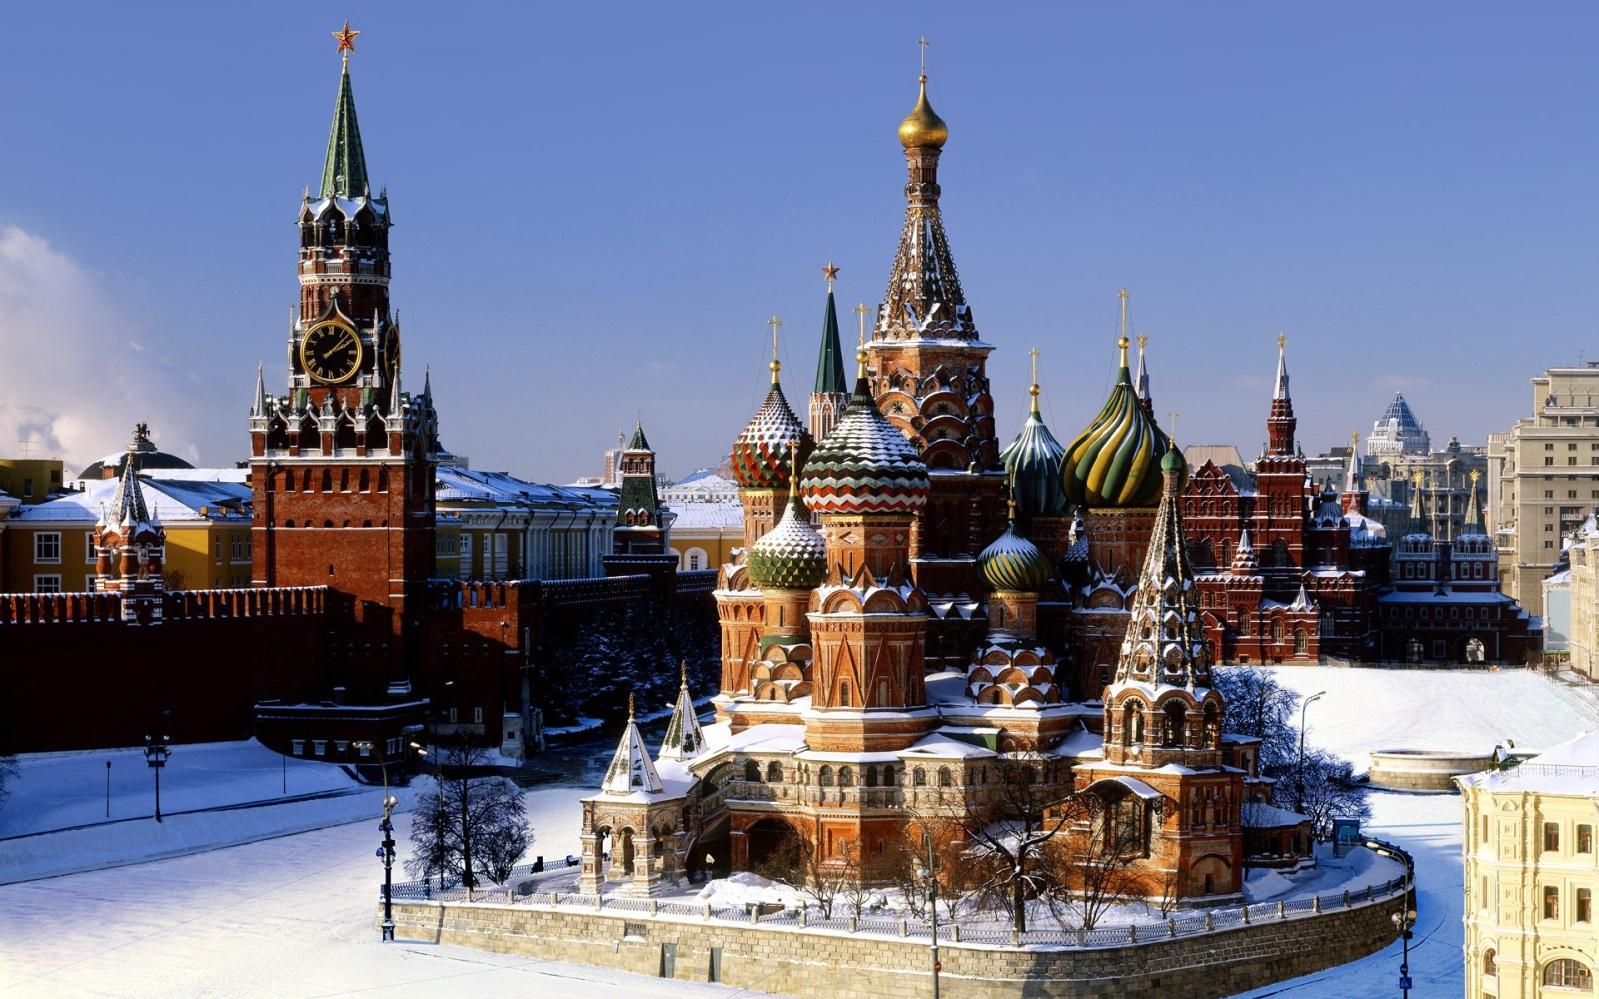 hram_vasiliya_blazhennogo_moskva_1920x1200_5179.jpg